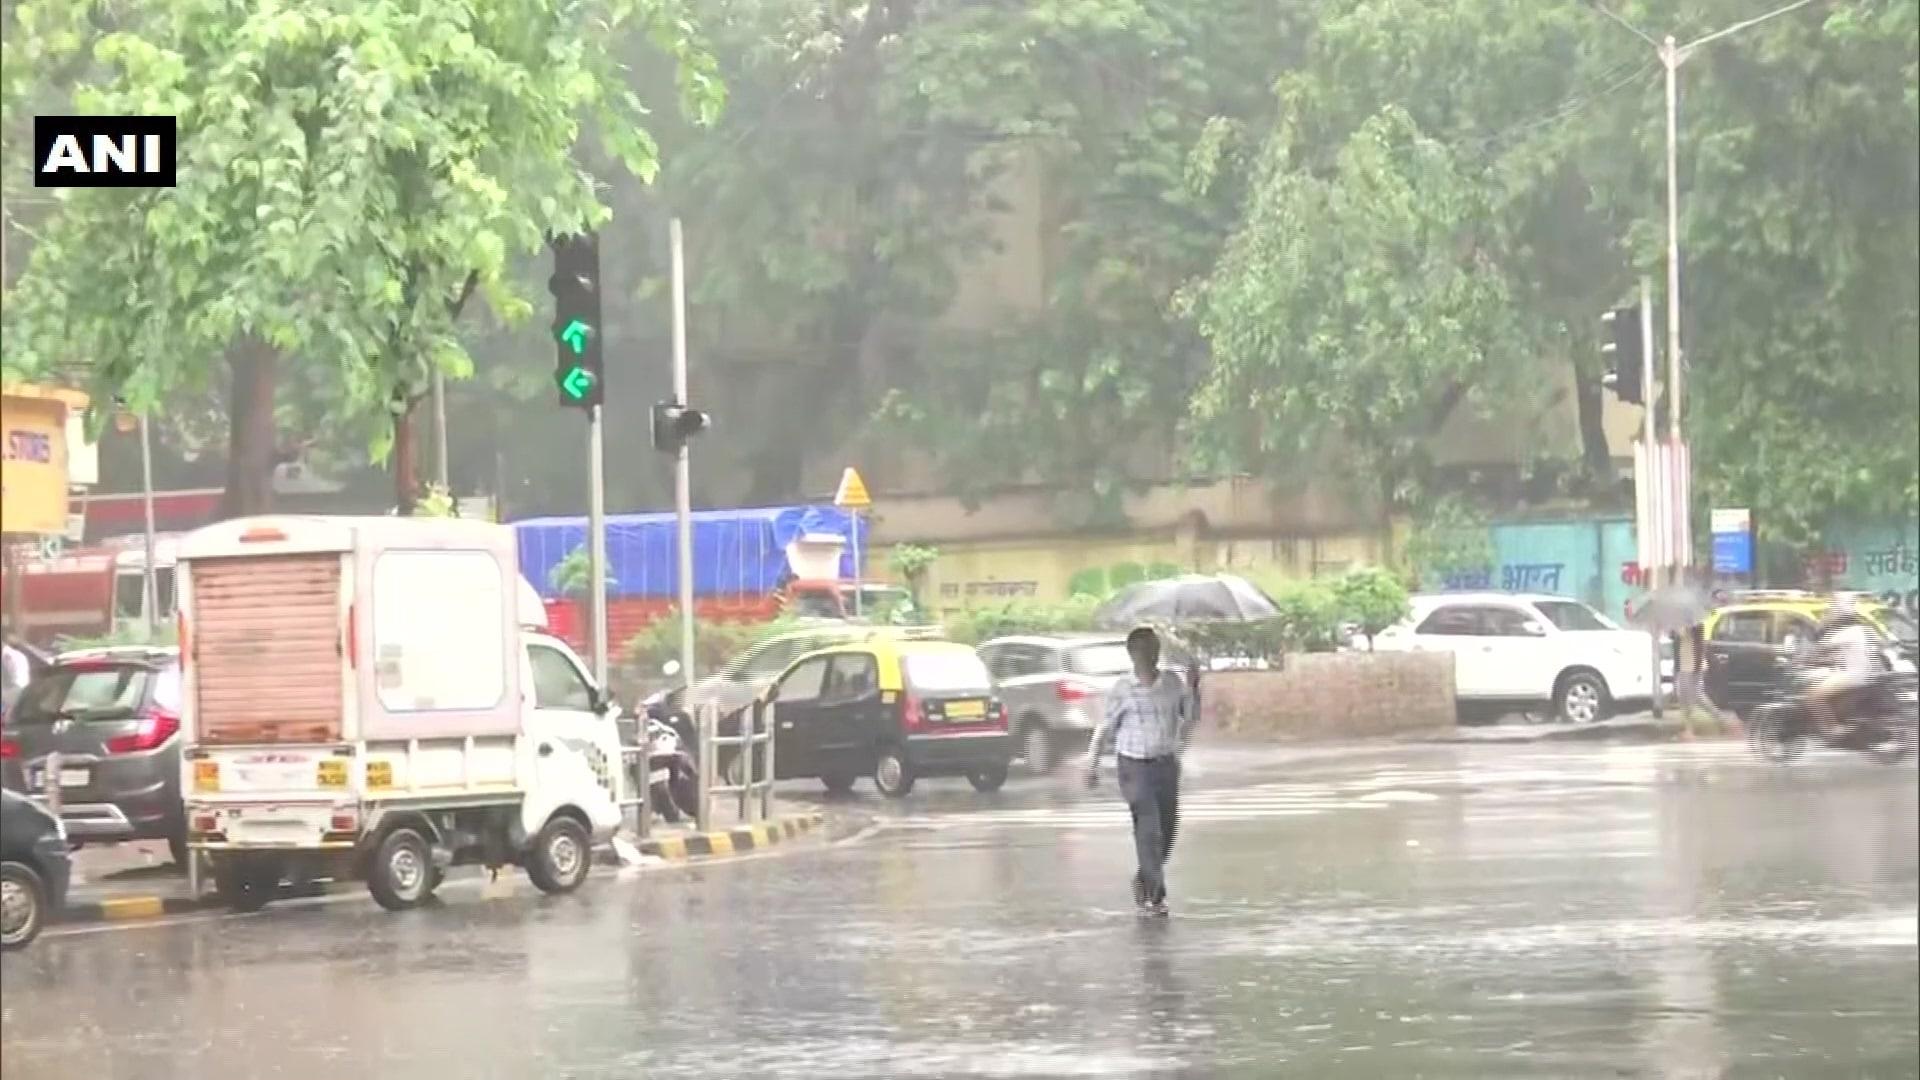 मुंबई, ठाणे, पालघर जिल्ह्यांत हवामान खात्याने रेड अलर्ट दिला होता.